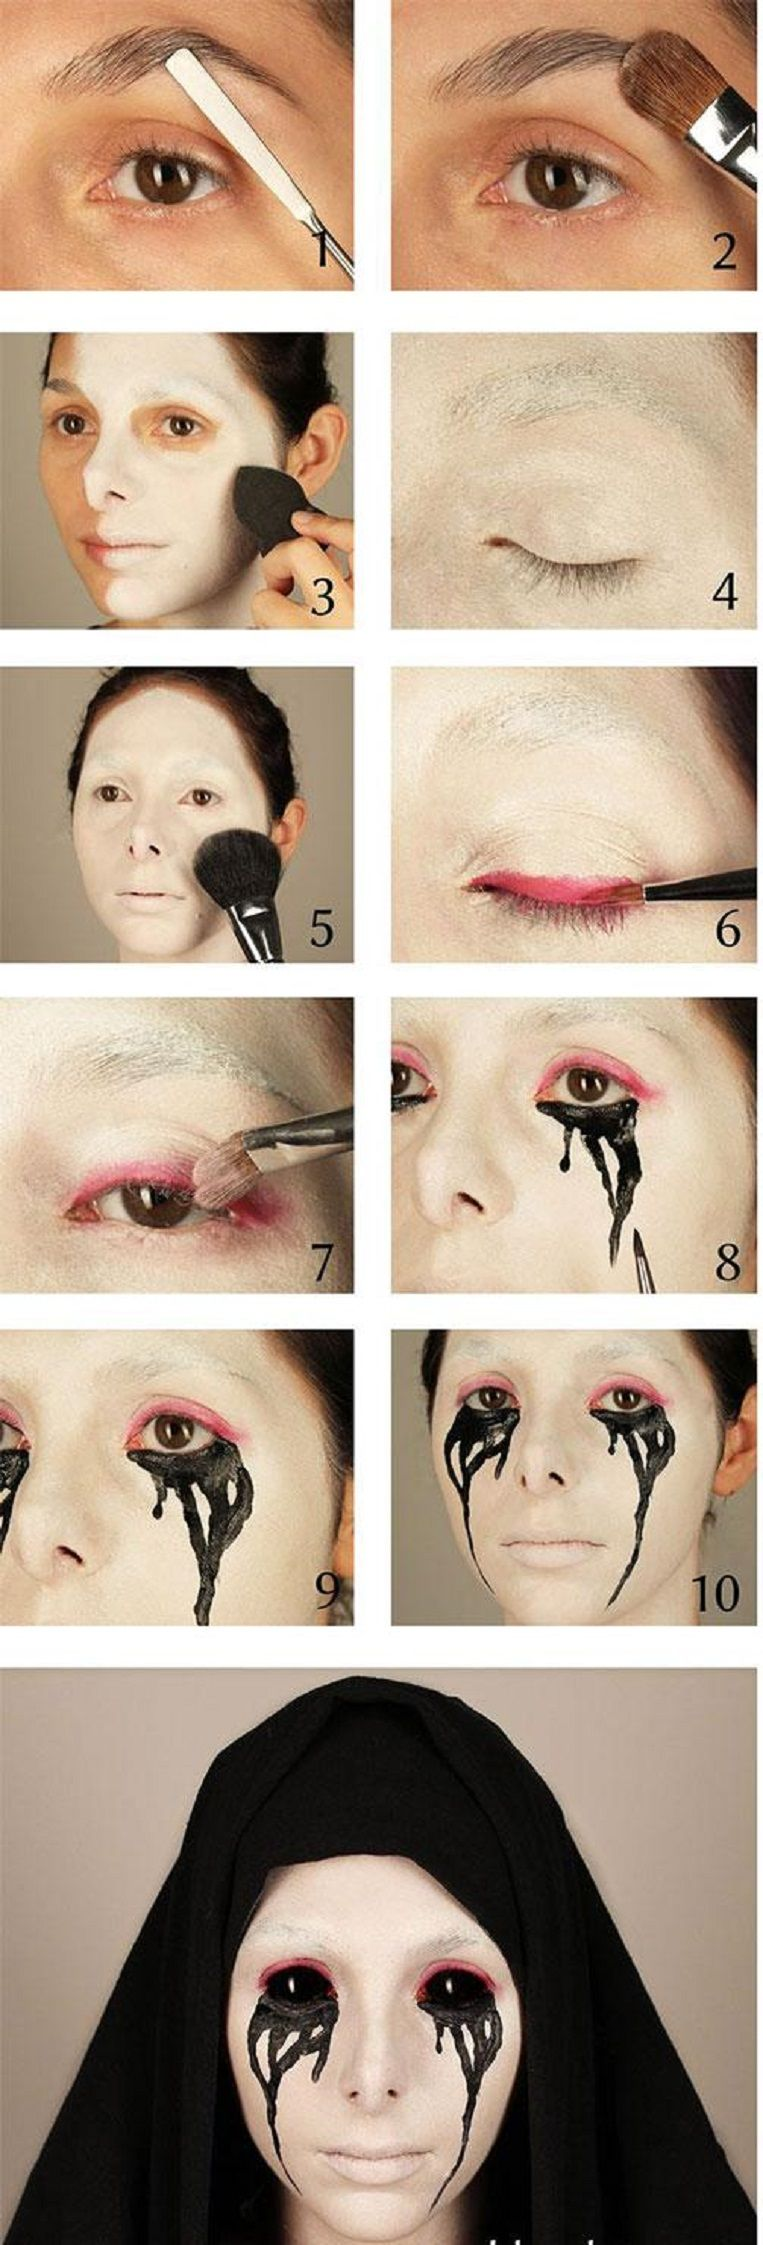 Halloween makeup tutorial scary makeup 12 best diy halloween halloween makeup tutorial scary makeup 12 best diy halloween makeup tutorials gleamitup baditri Gallery